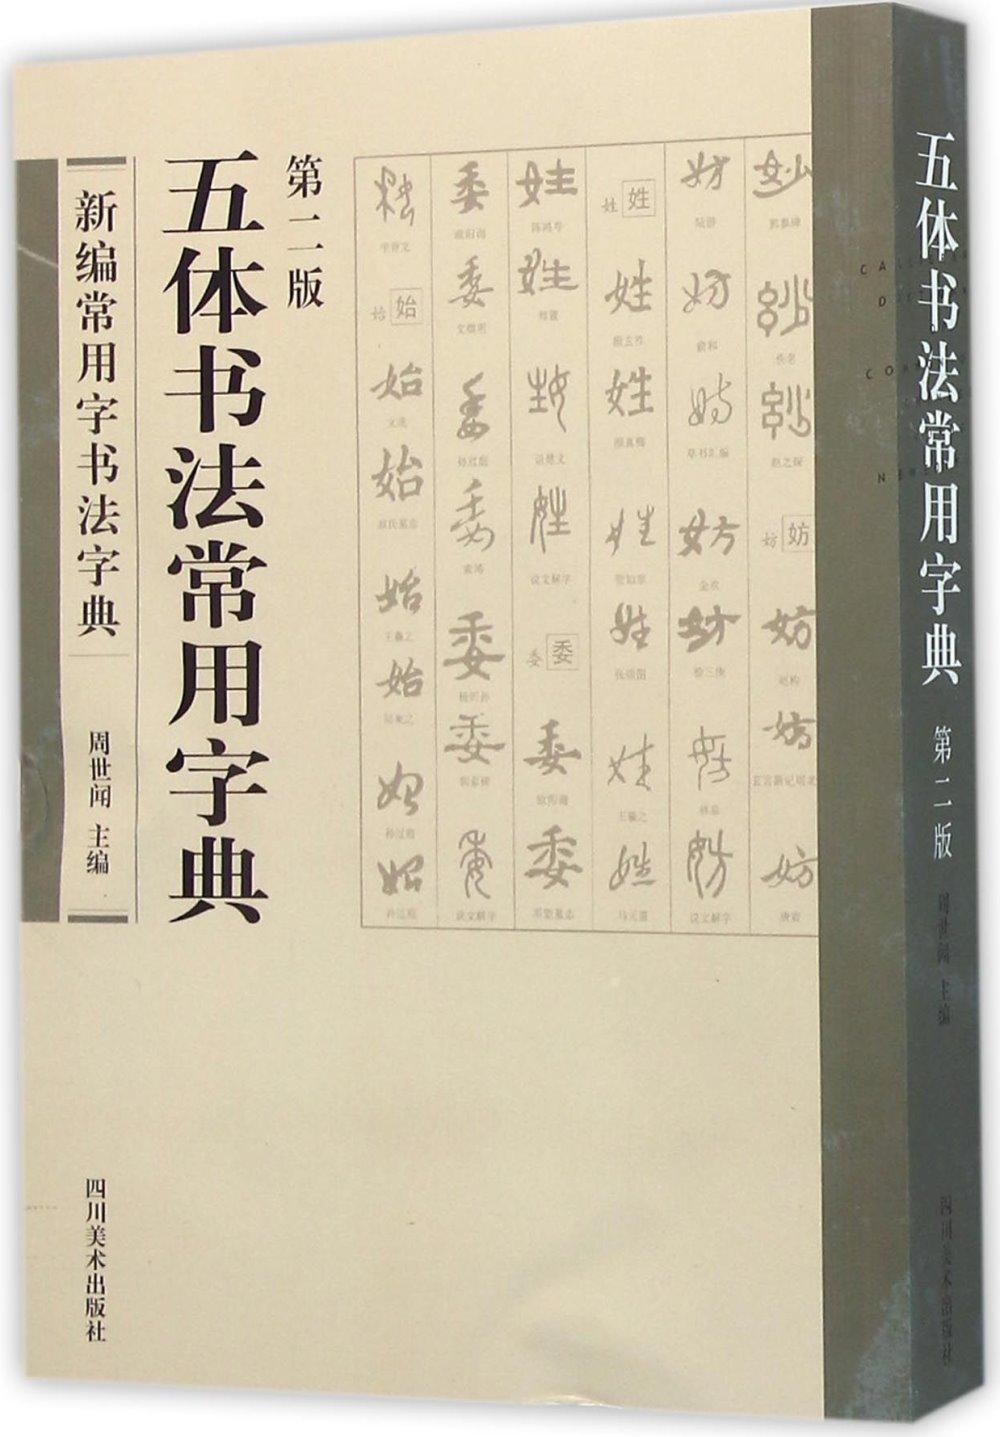 五體書法常用字典 第二版